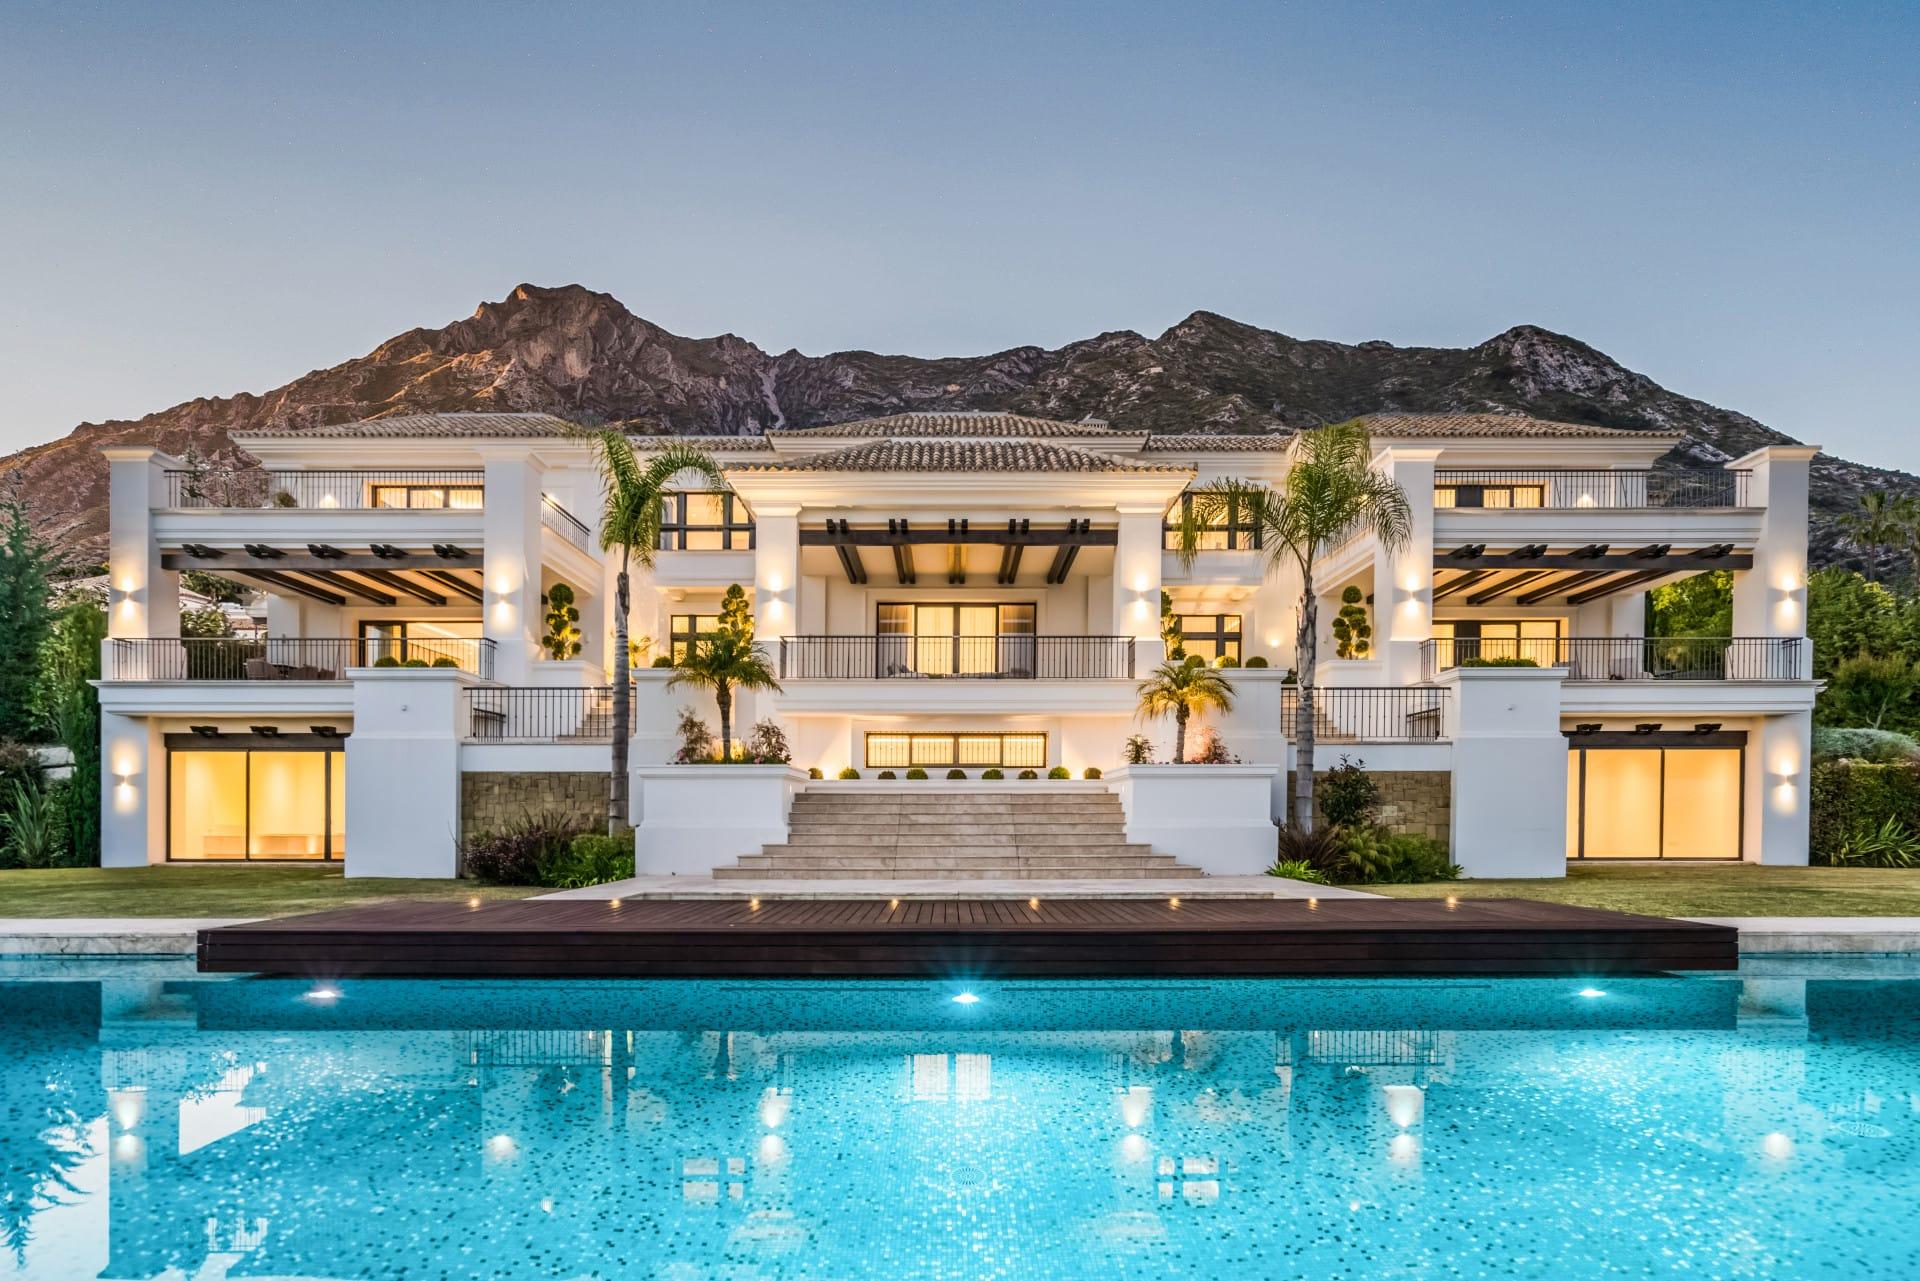 Nueva elegante Villa de lujo en Sierra Blanca, Marbella Milla de Oro, Marbella